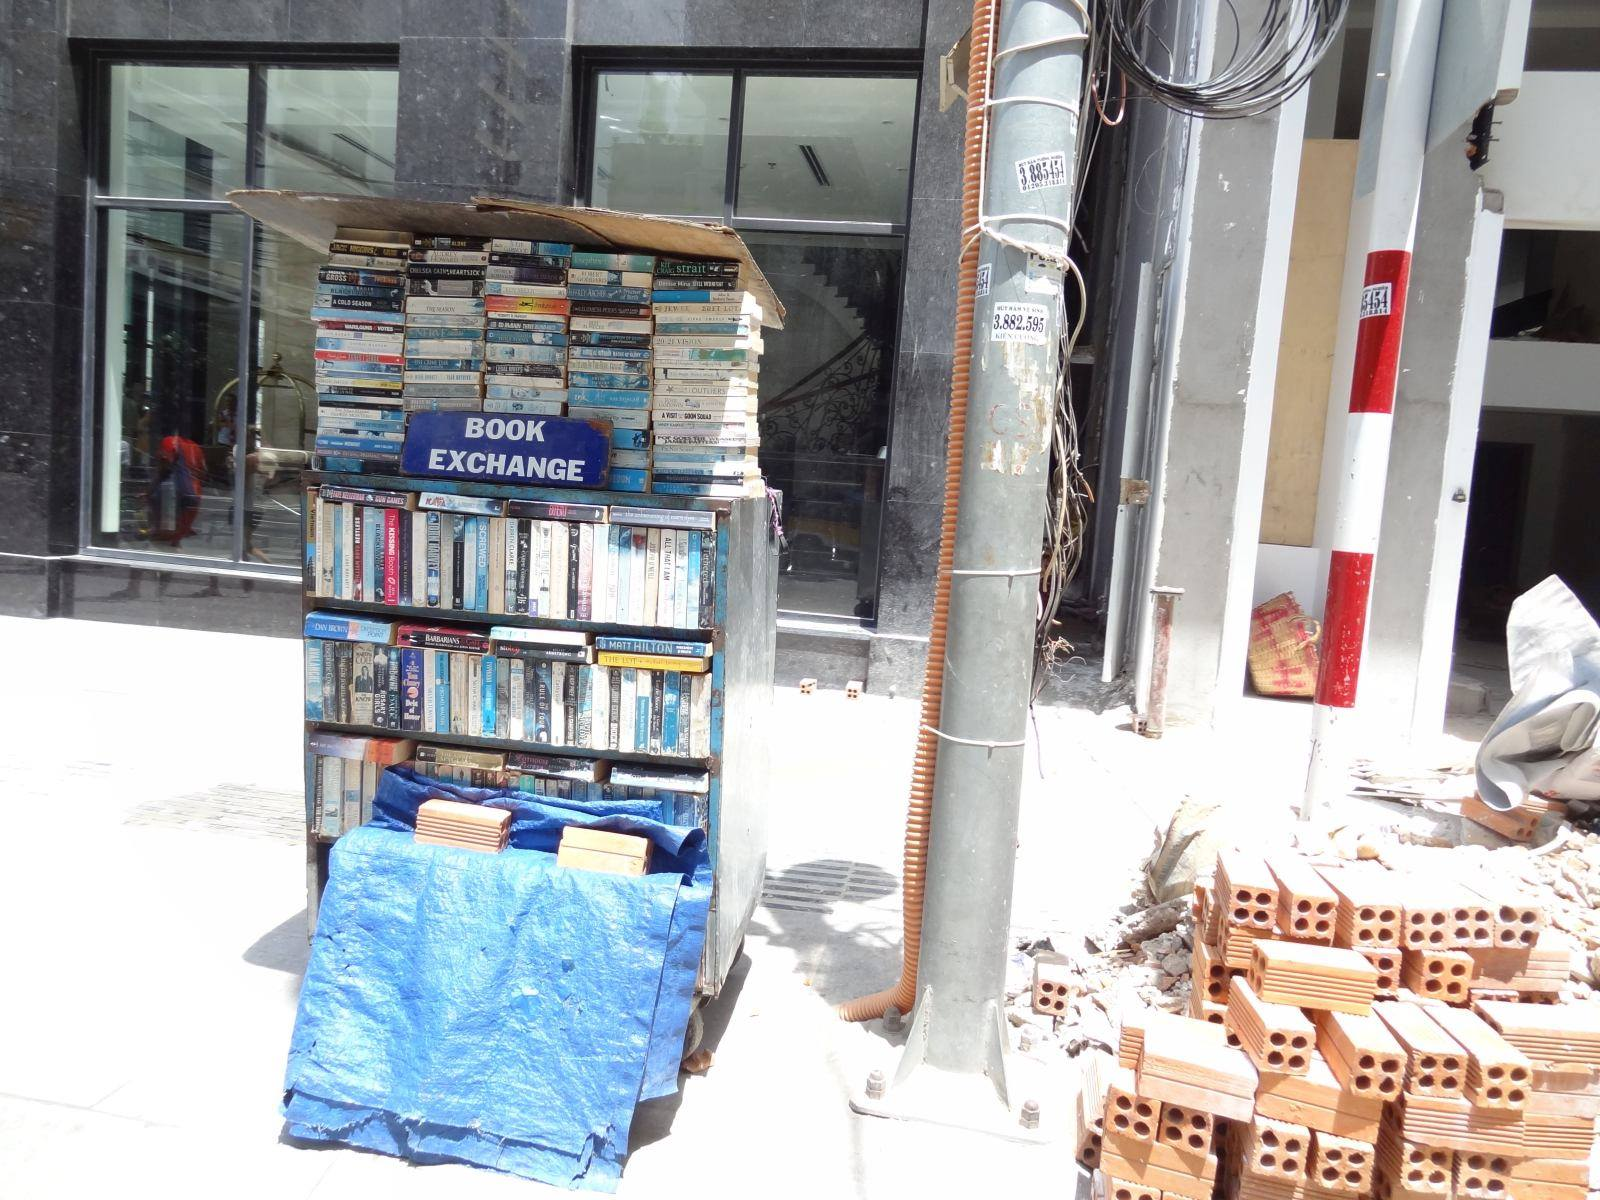 Turystyczny book exchange